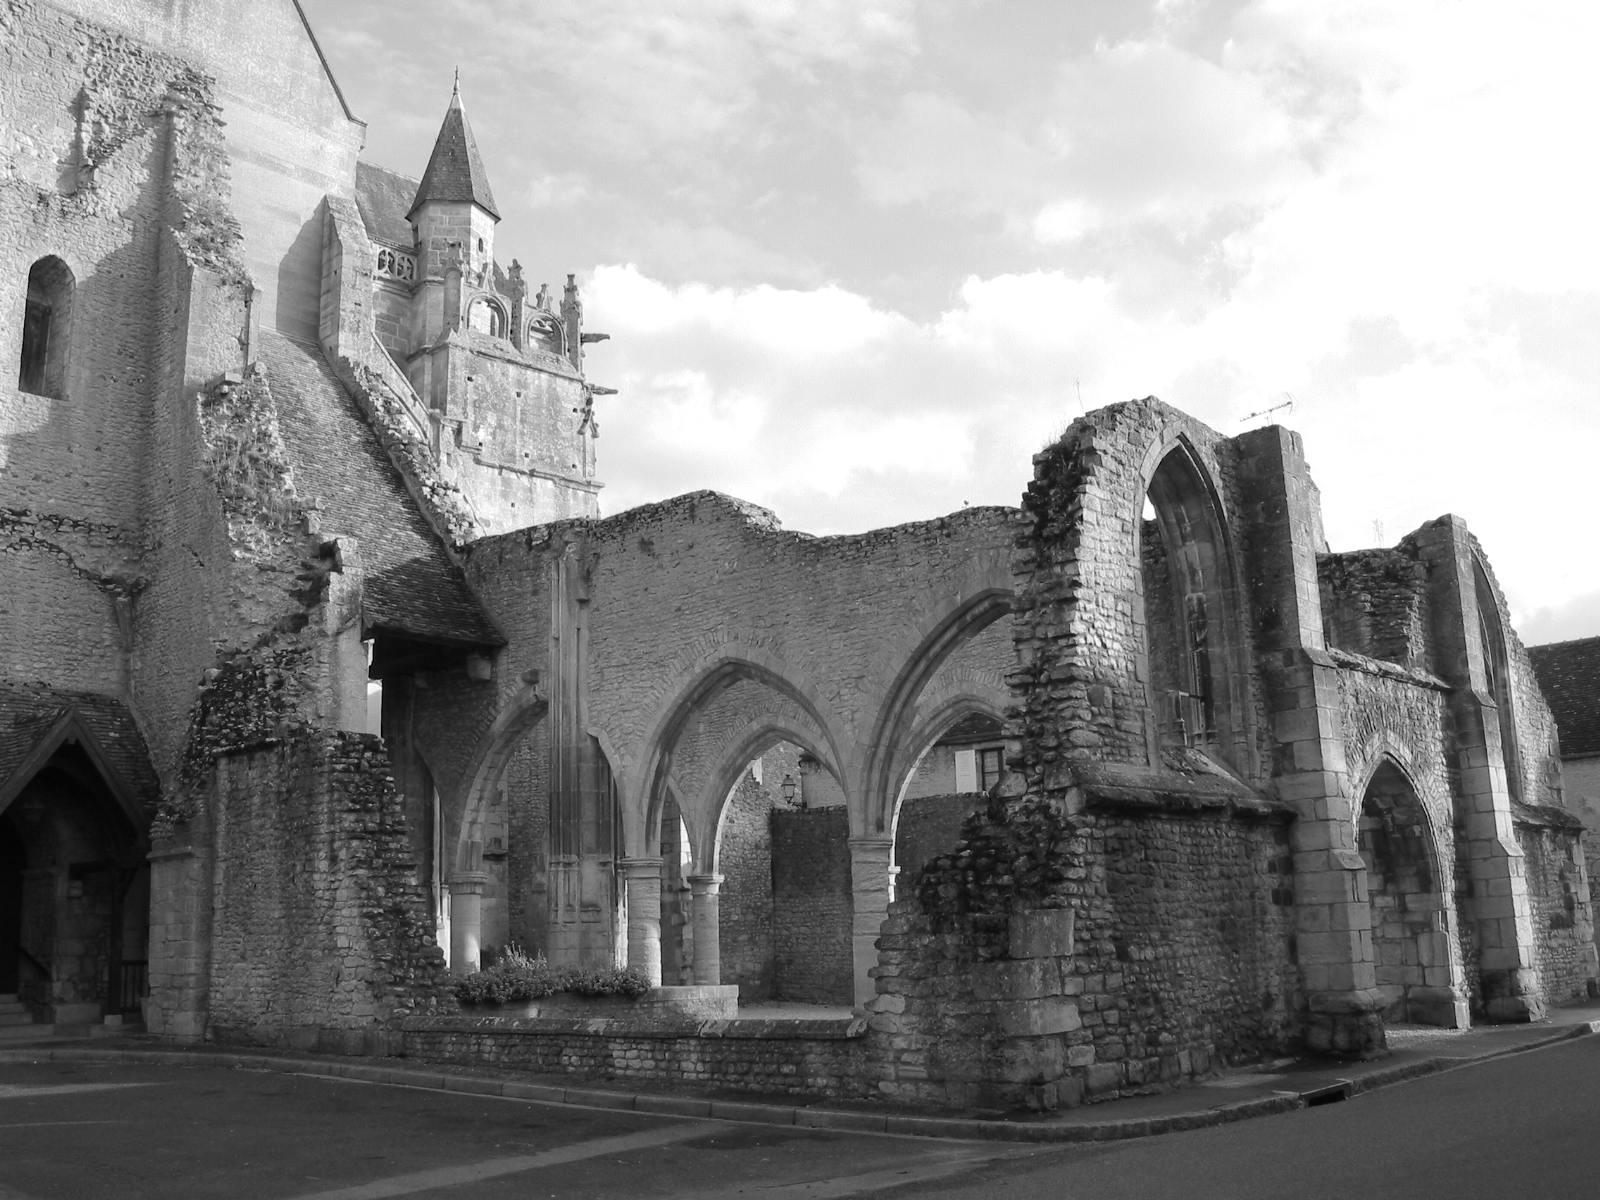 Énigme 178 - l'Eglise Notre Dame d'Écouché - Page 2 Vue_de_l'%C3%A9glise_d'Ecouch%C3%A9_02